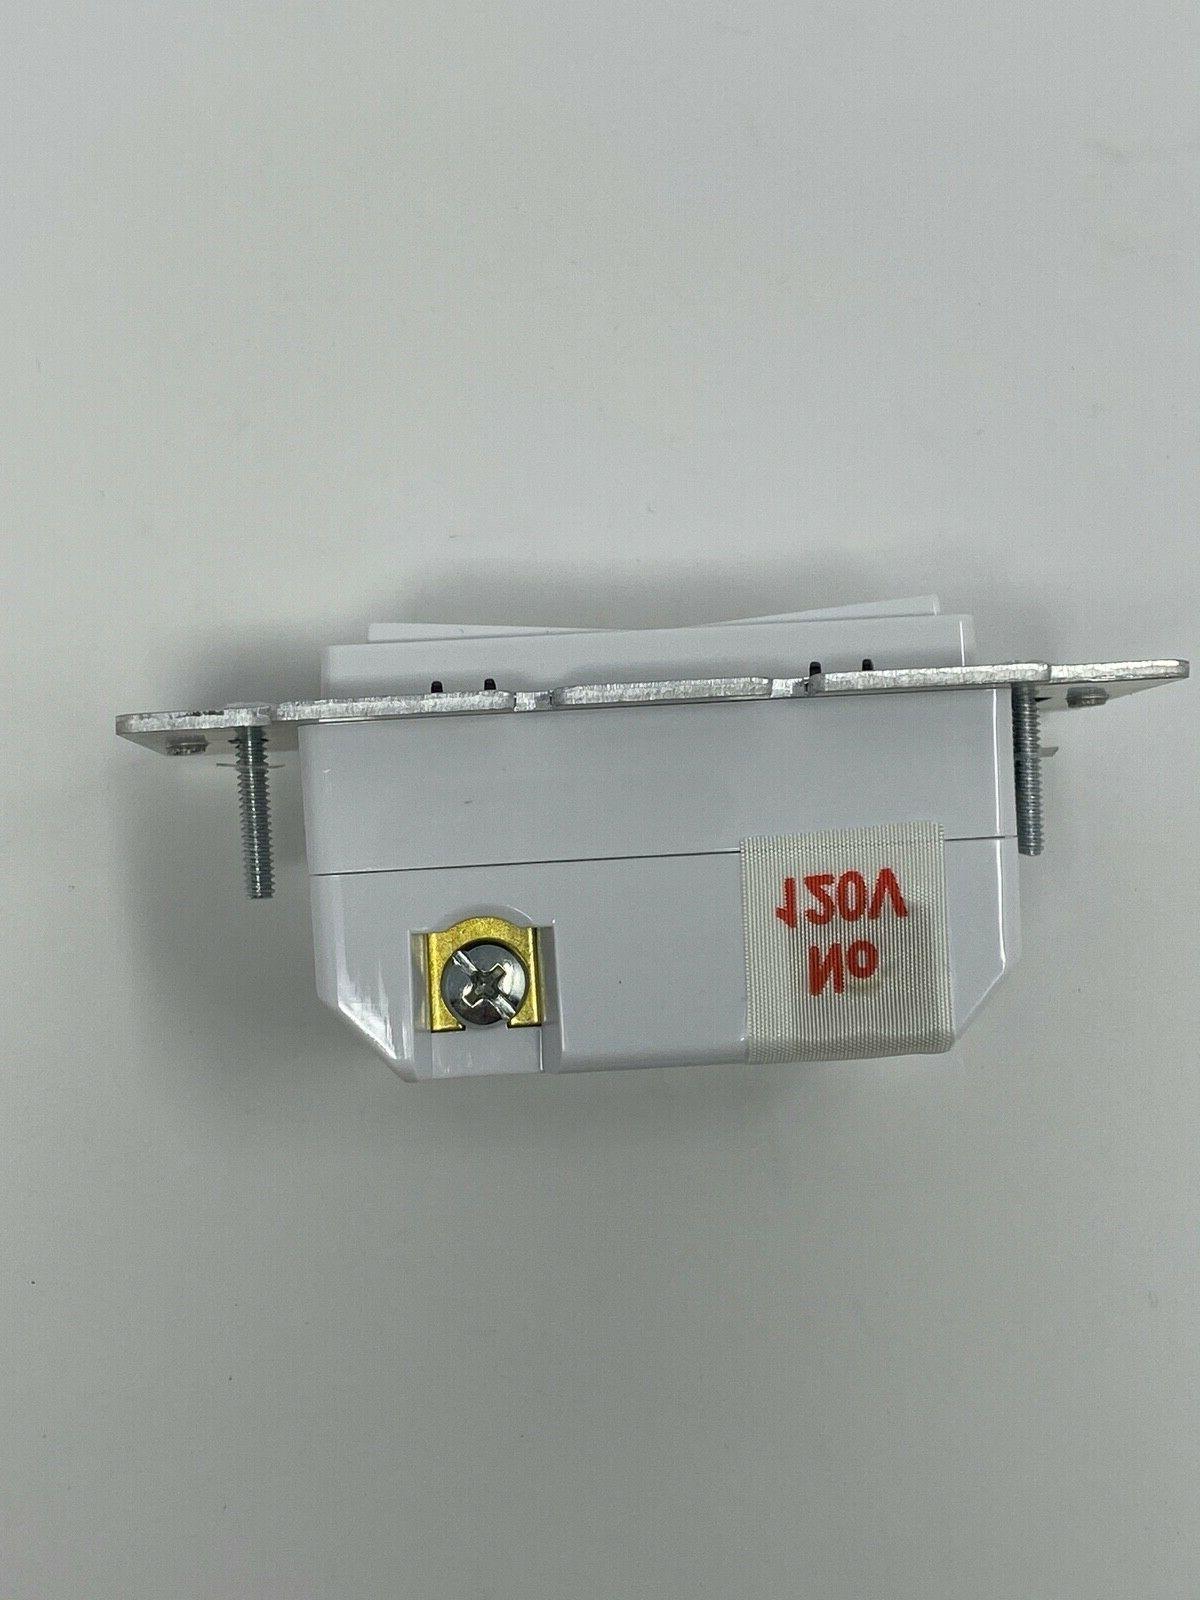 GE Zigbee In-Wall Smart Dimmer 3-Way/4-Way White/Almond Rocker